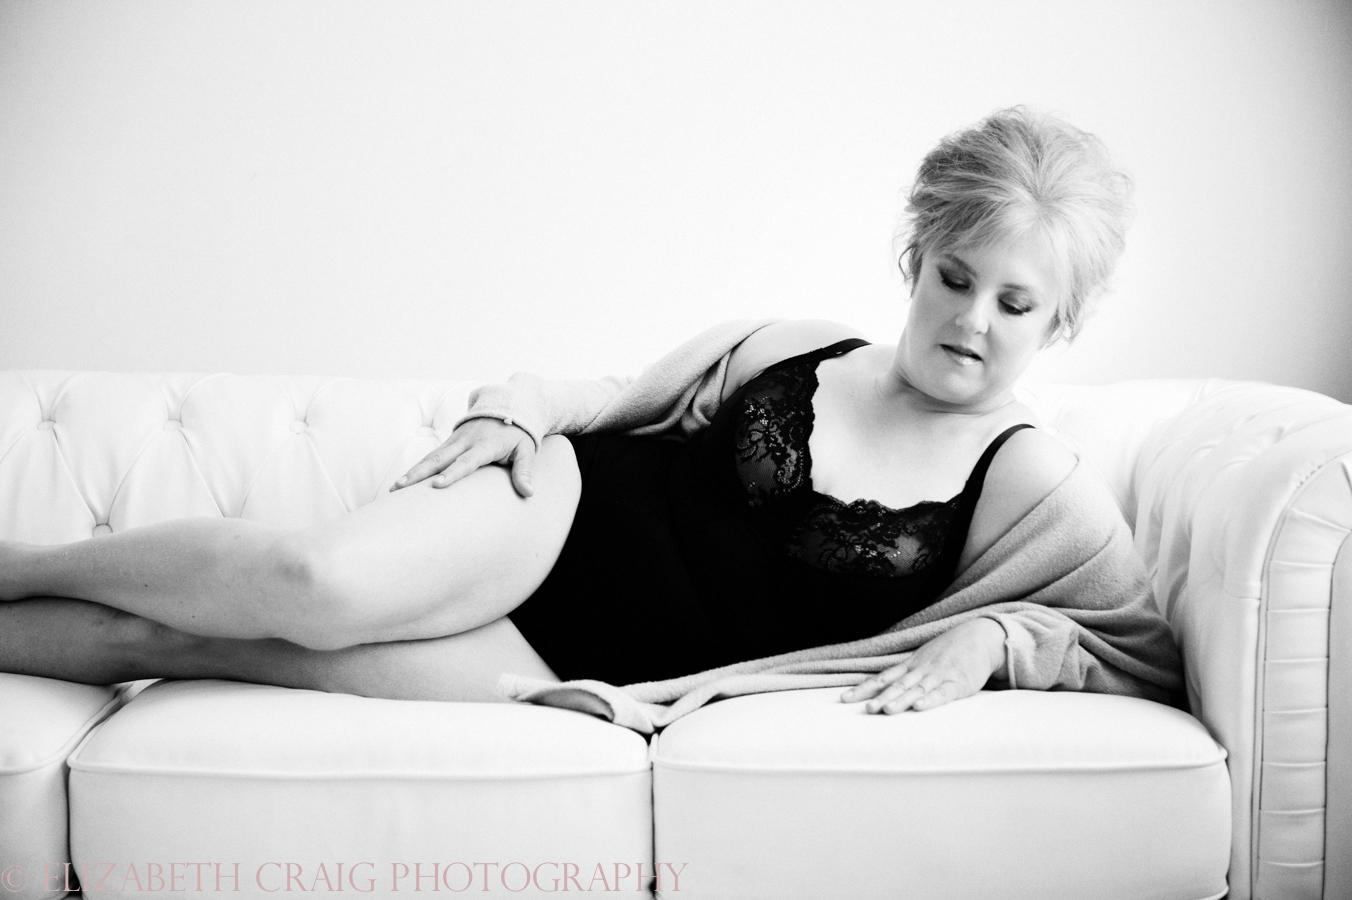 Beauty Fashion Photography | Elizabeth Craig Photography-9